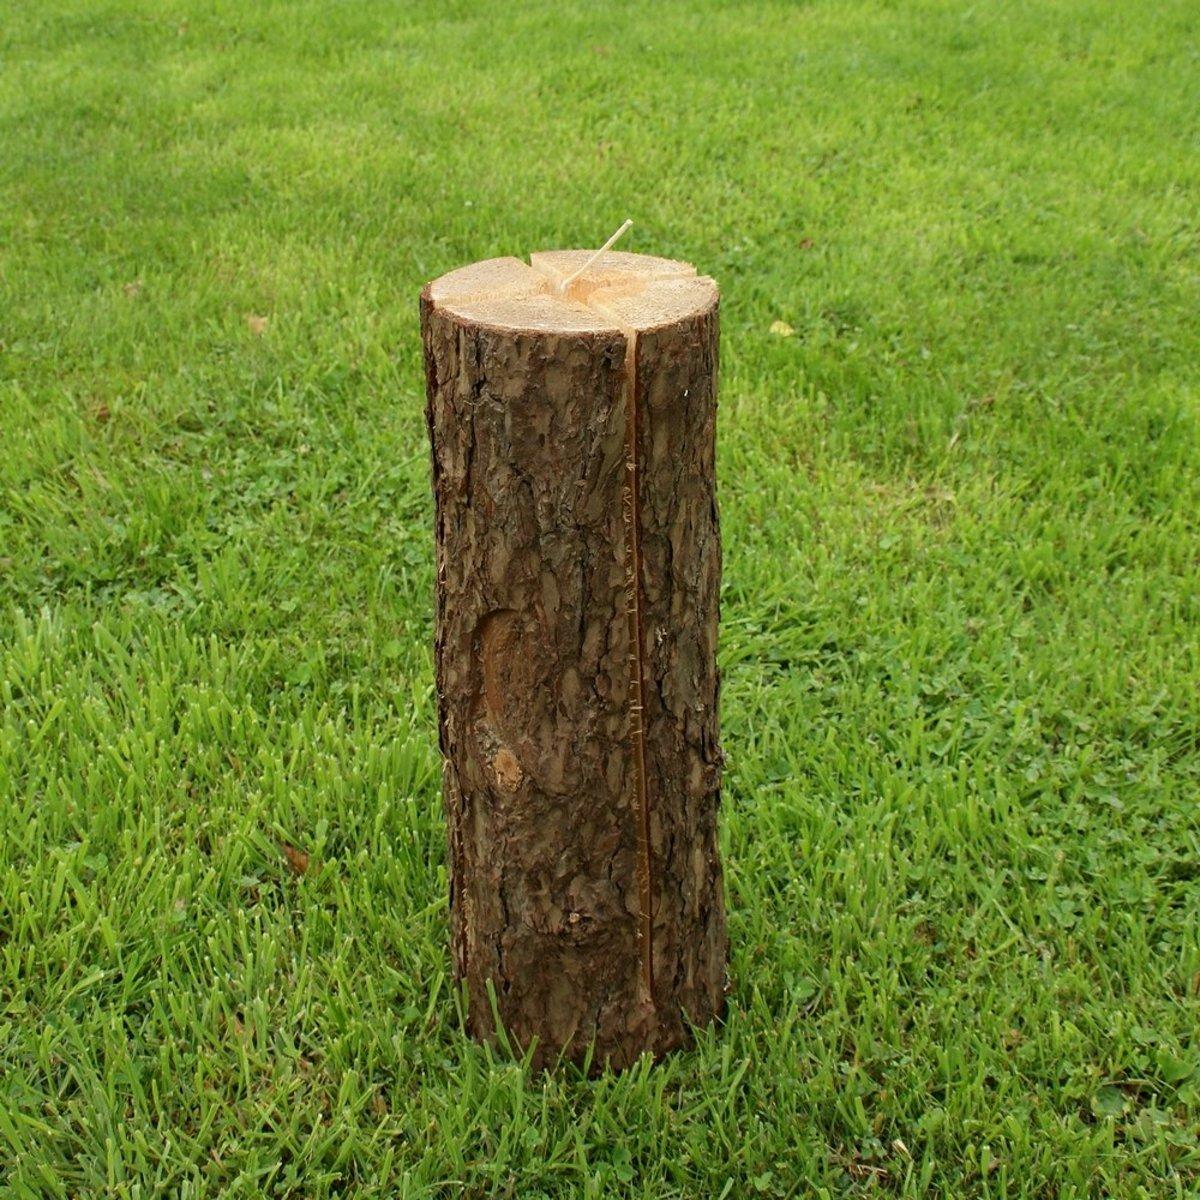 Boomfakkel houttoorts 50 cm - set van 4 stuks kopen